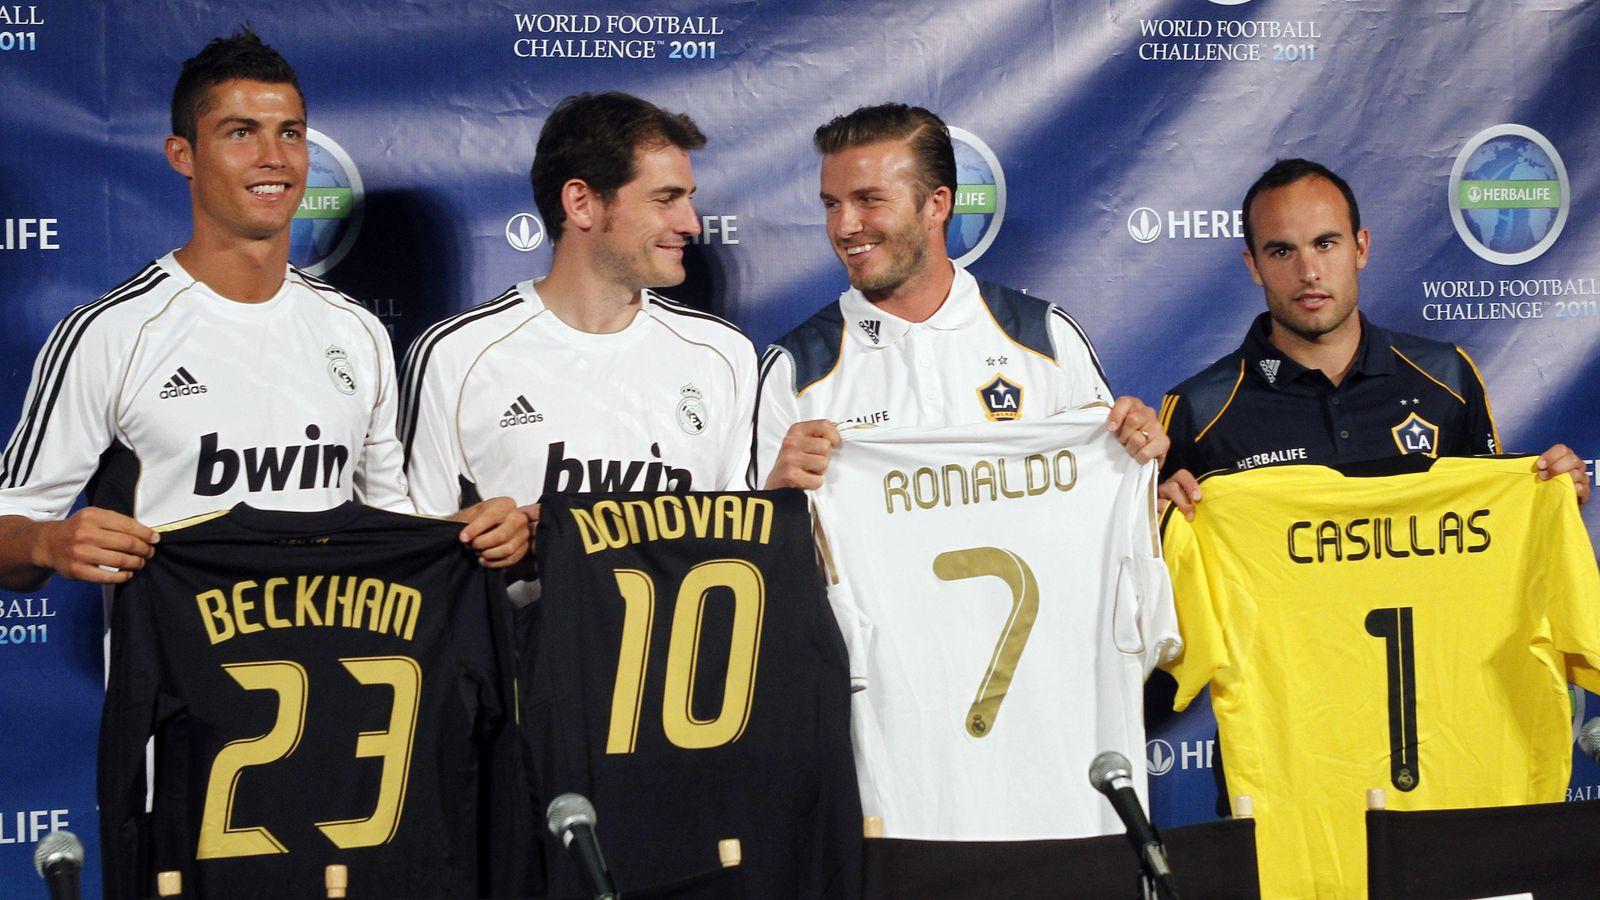 Real Madrid  Cristiano Ronaldo quiere ser como Beckham 37542139334